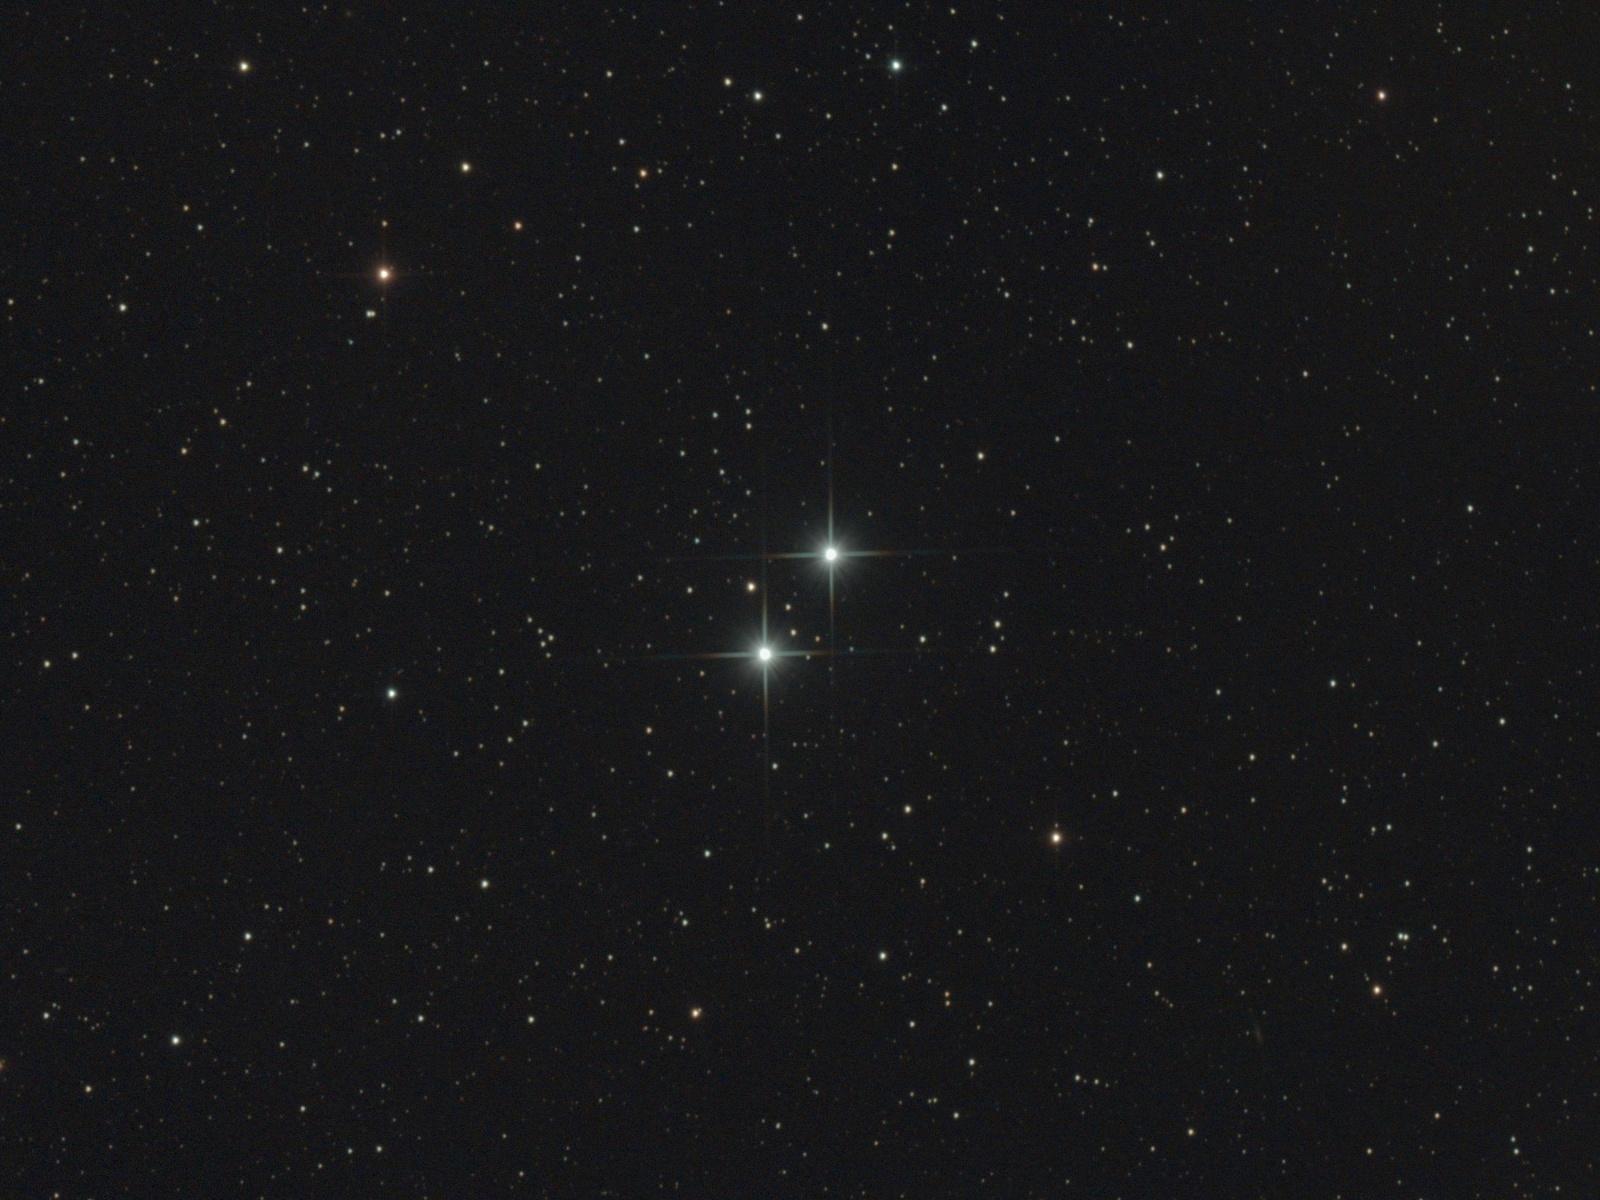 Epsilon_Lyr_crop_2800_2100_resize_1600.jpg.2eacfda1a8a727495c628fba2d6f5a71.jpg